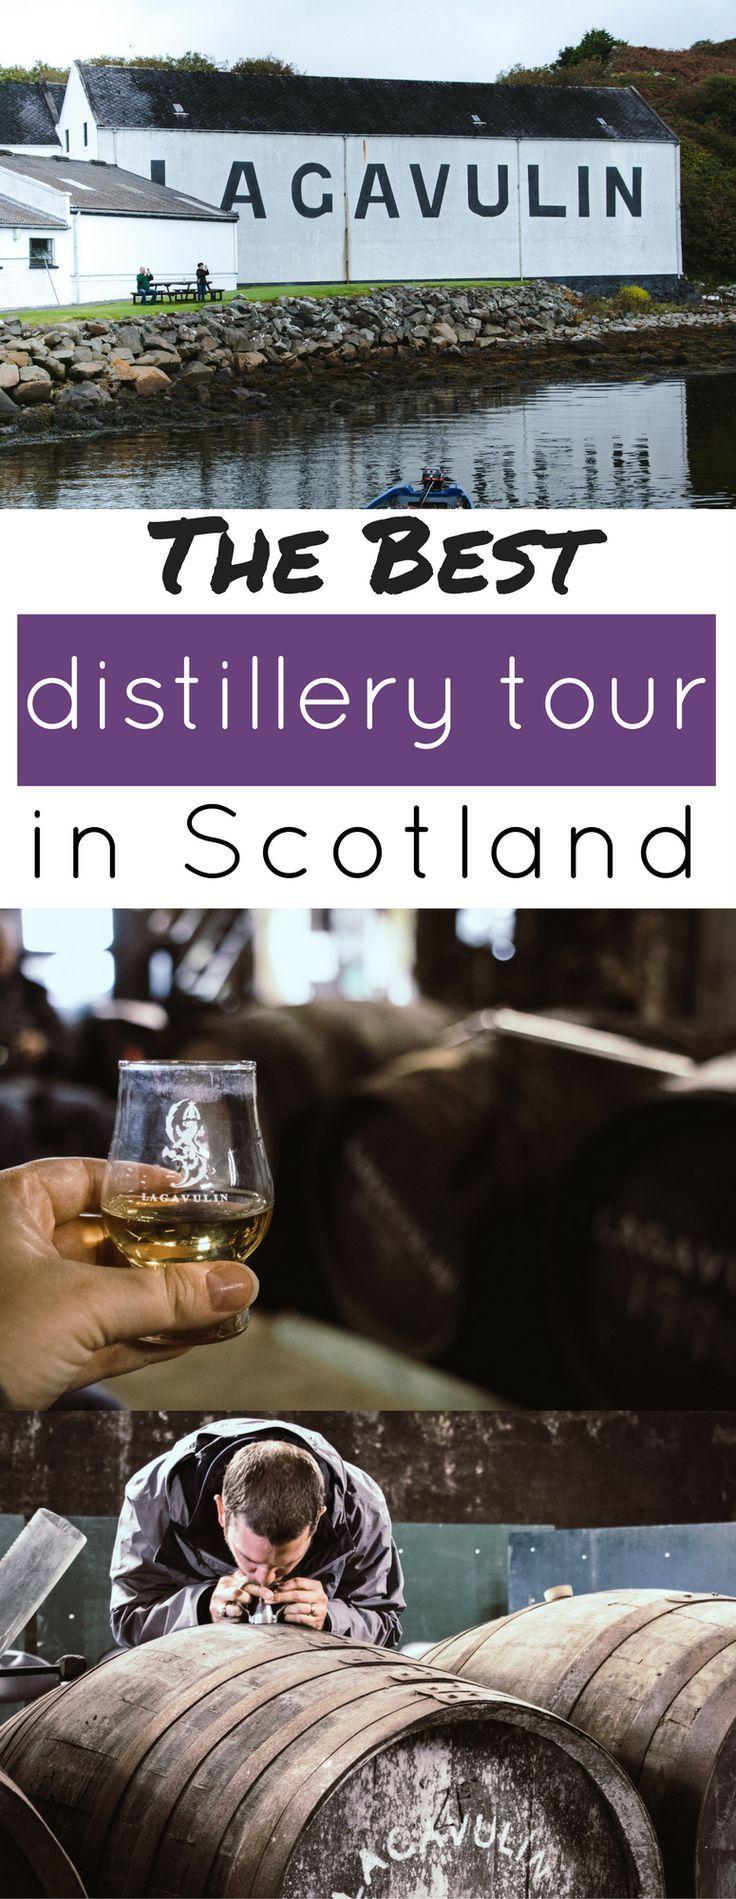 The Best Distillery Tour in Scotland #travelscotland